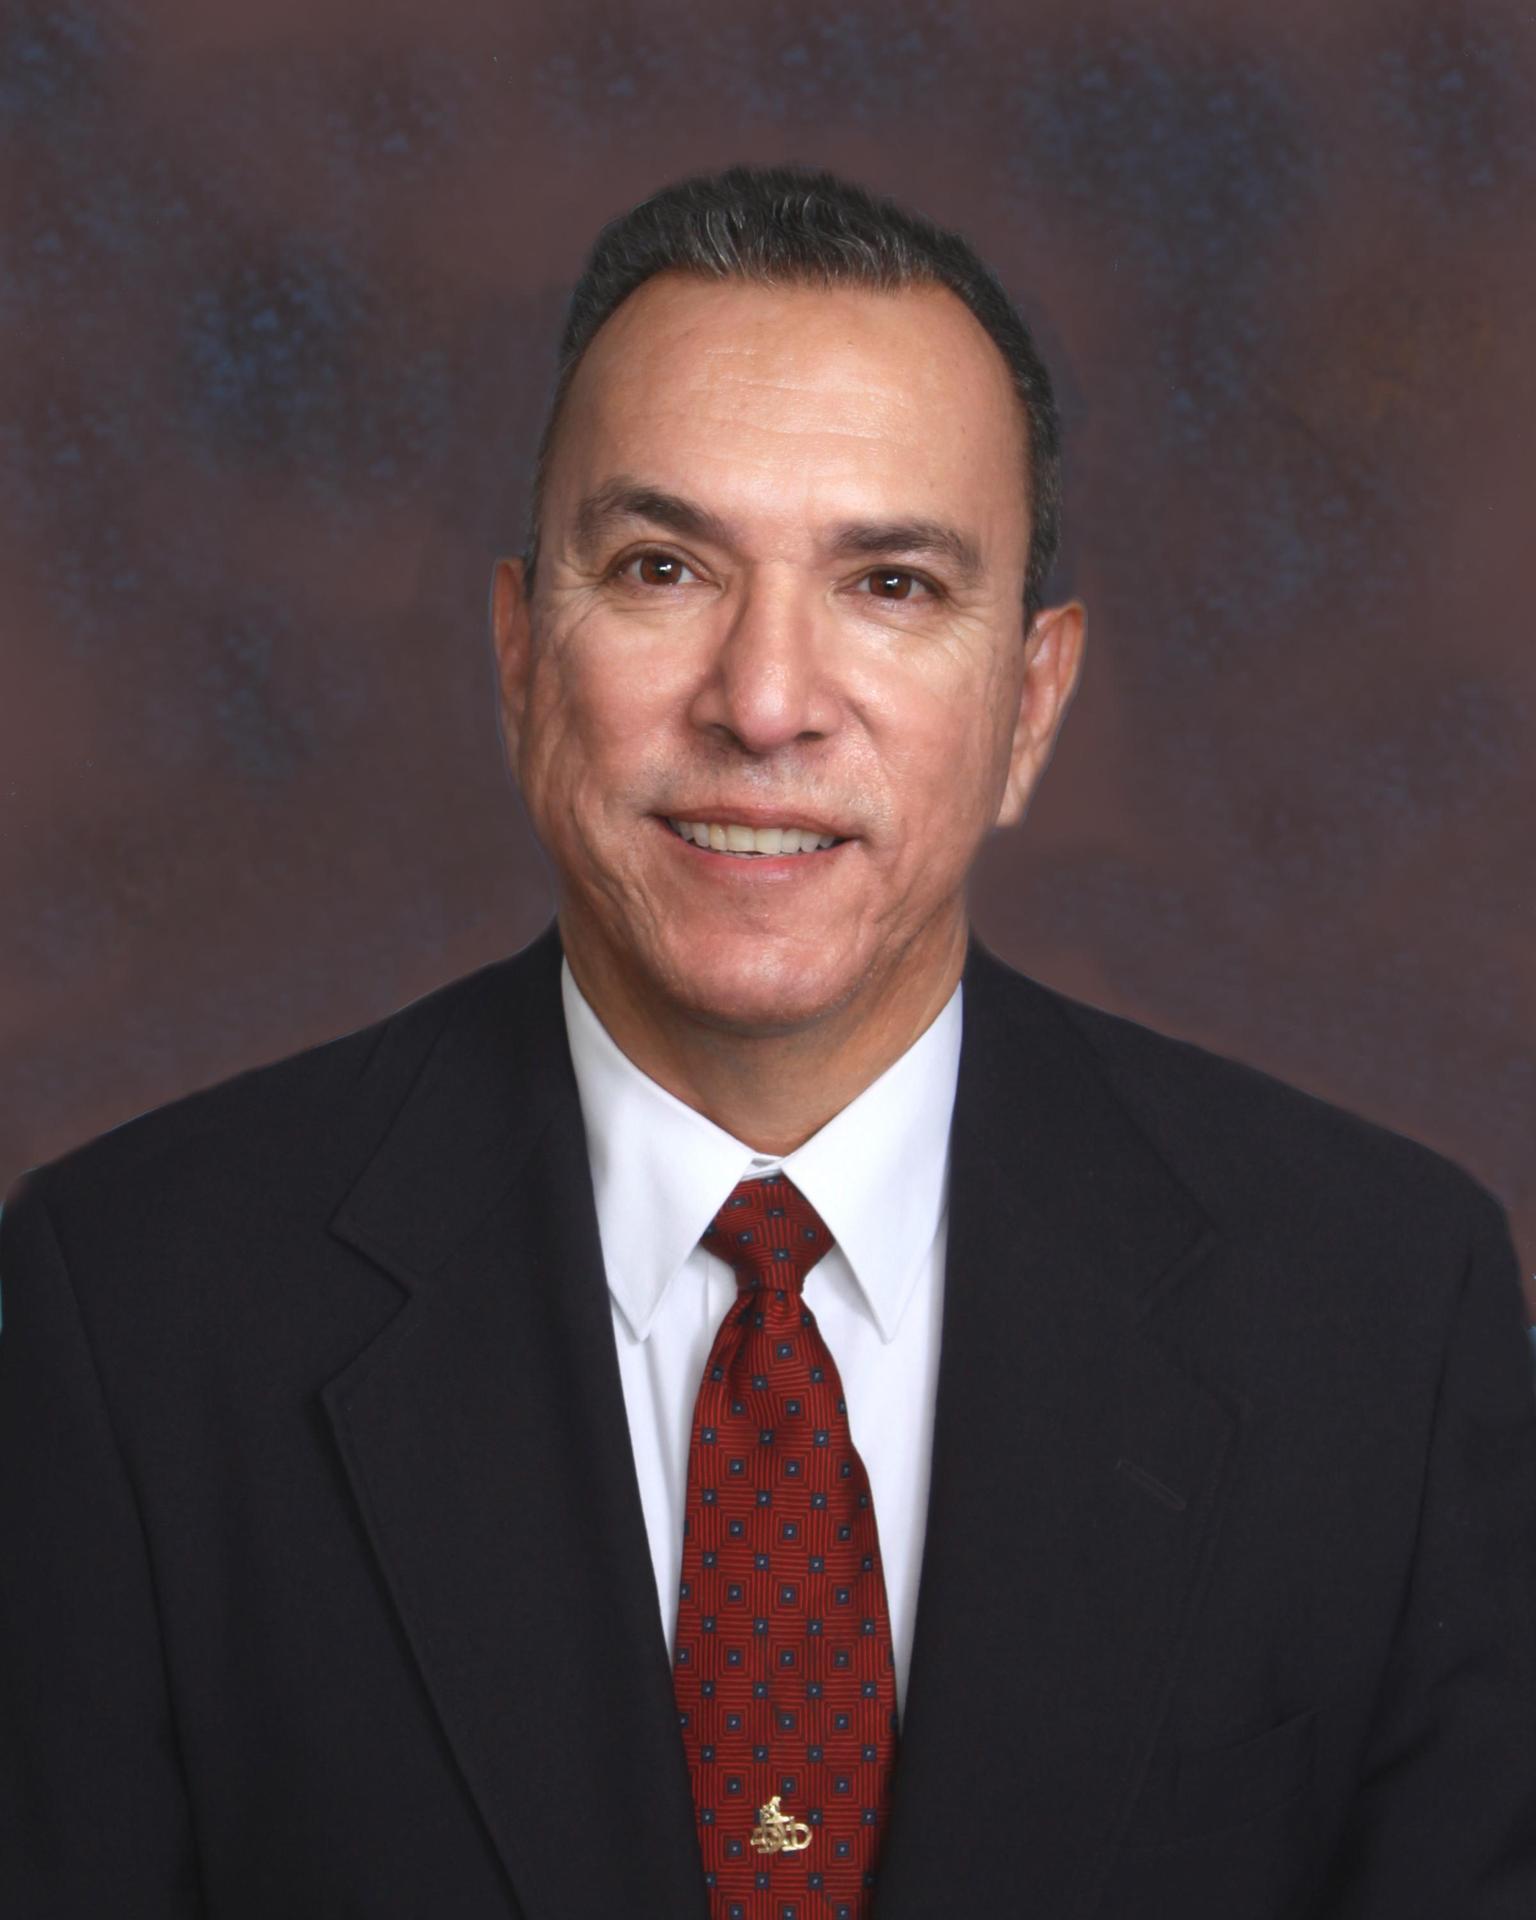 Picture of Trustee Hernandez